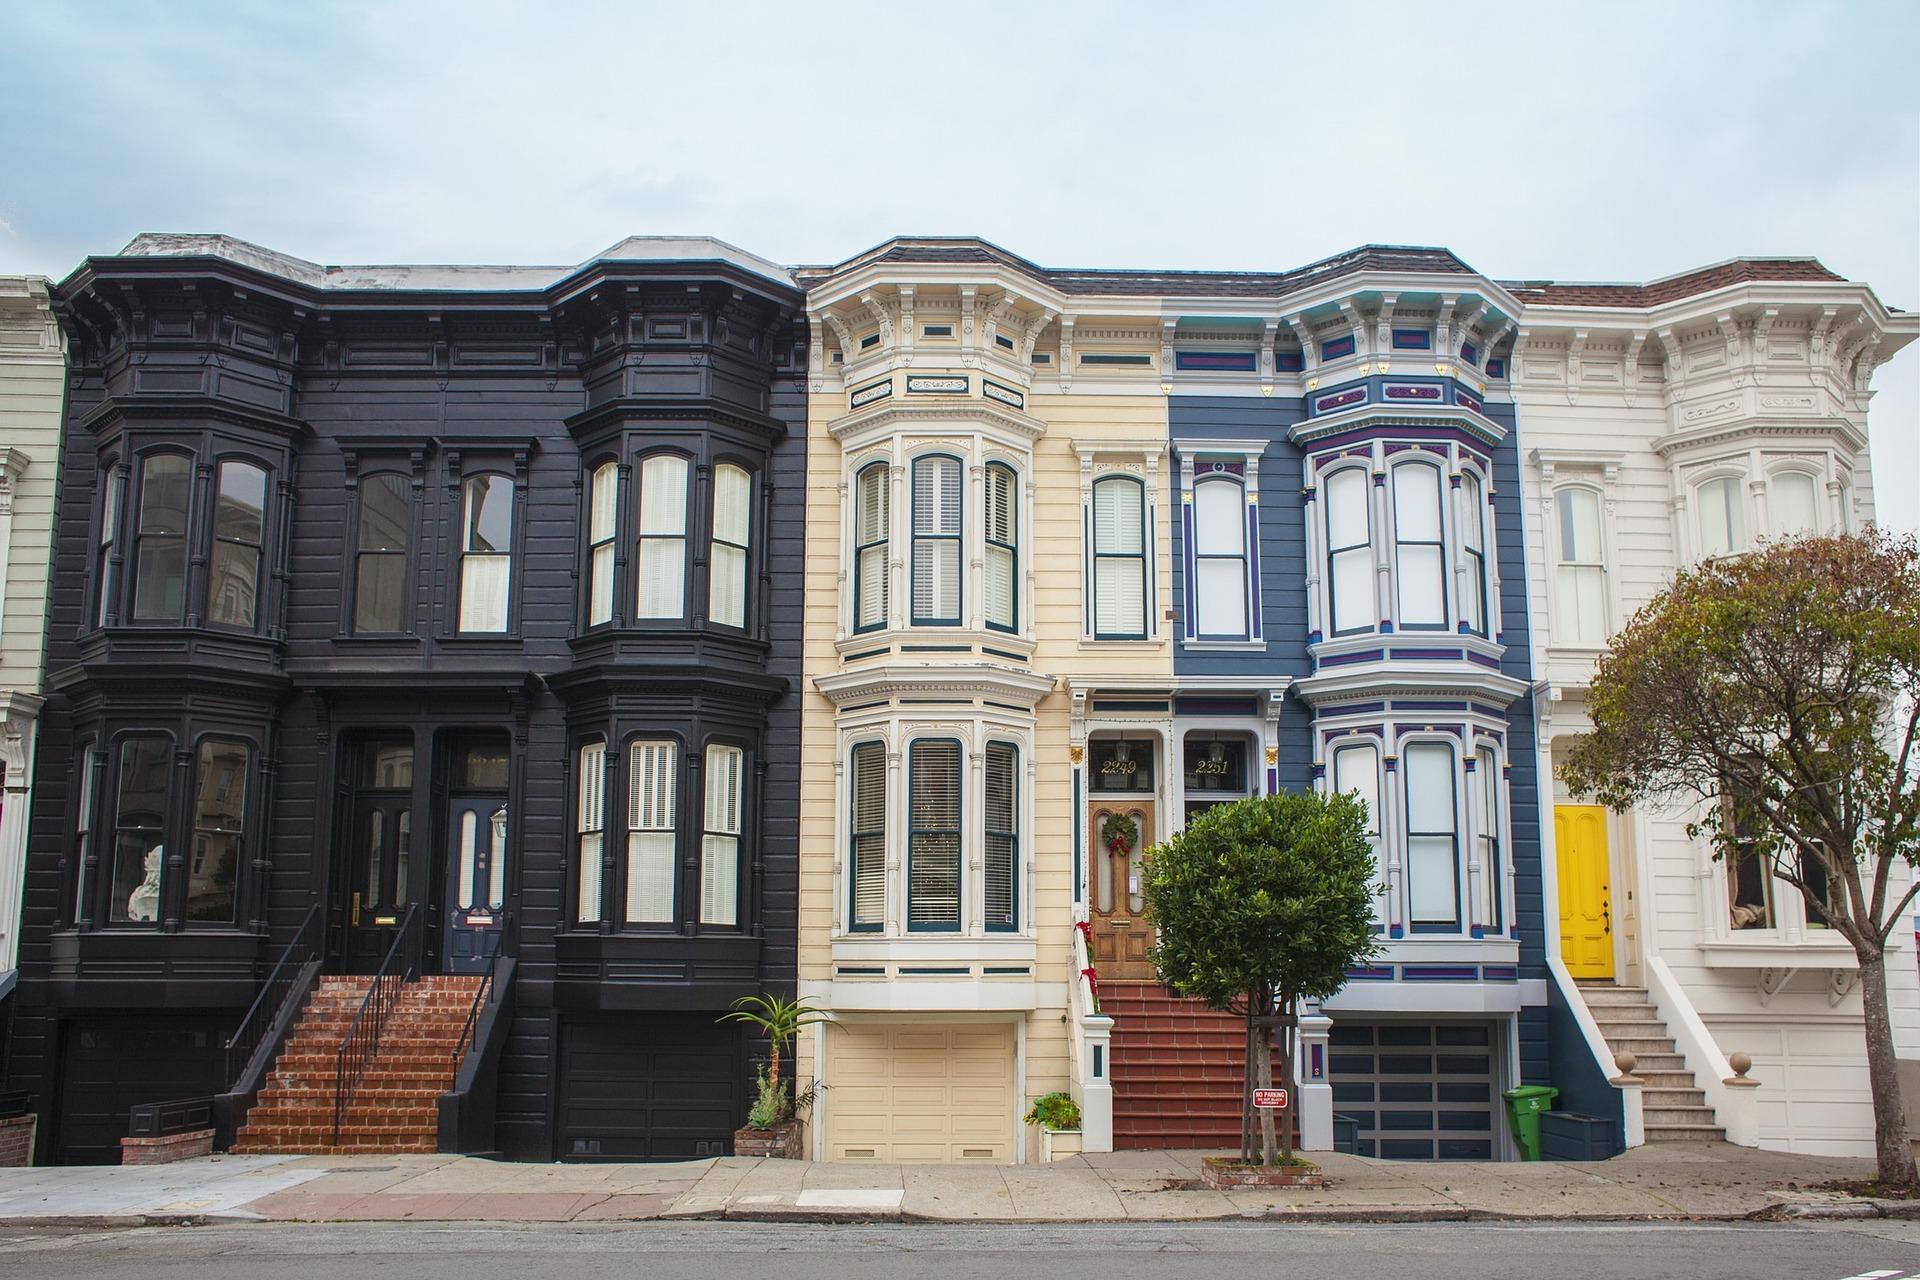 Consigli sulle compagnie per l'assicurazione sulla casa